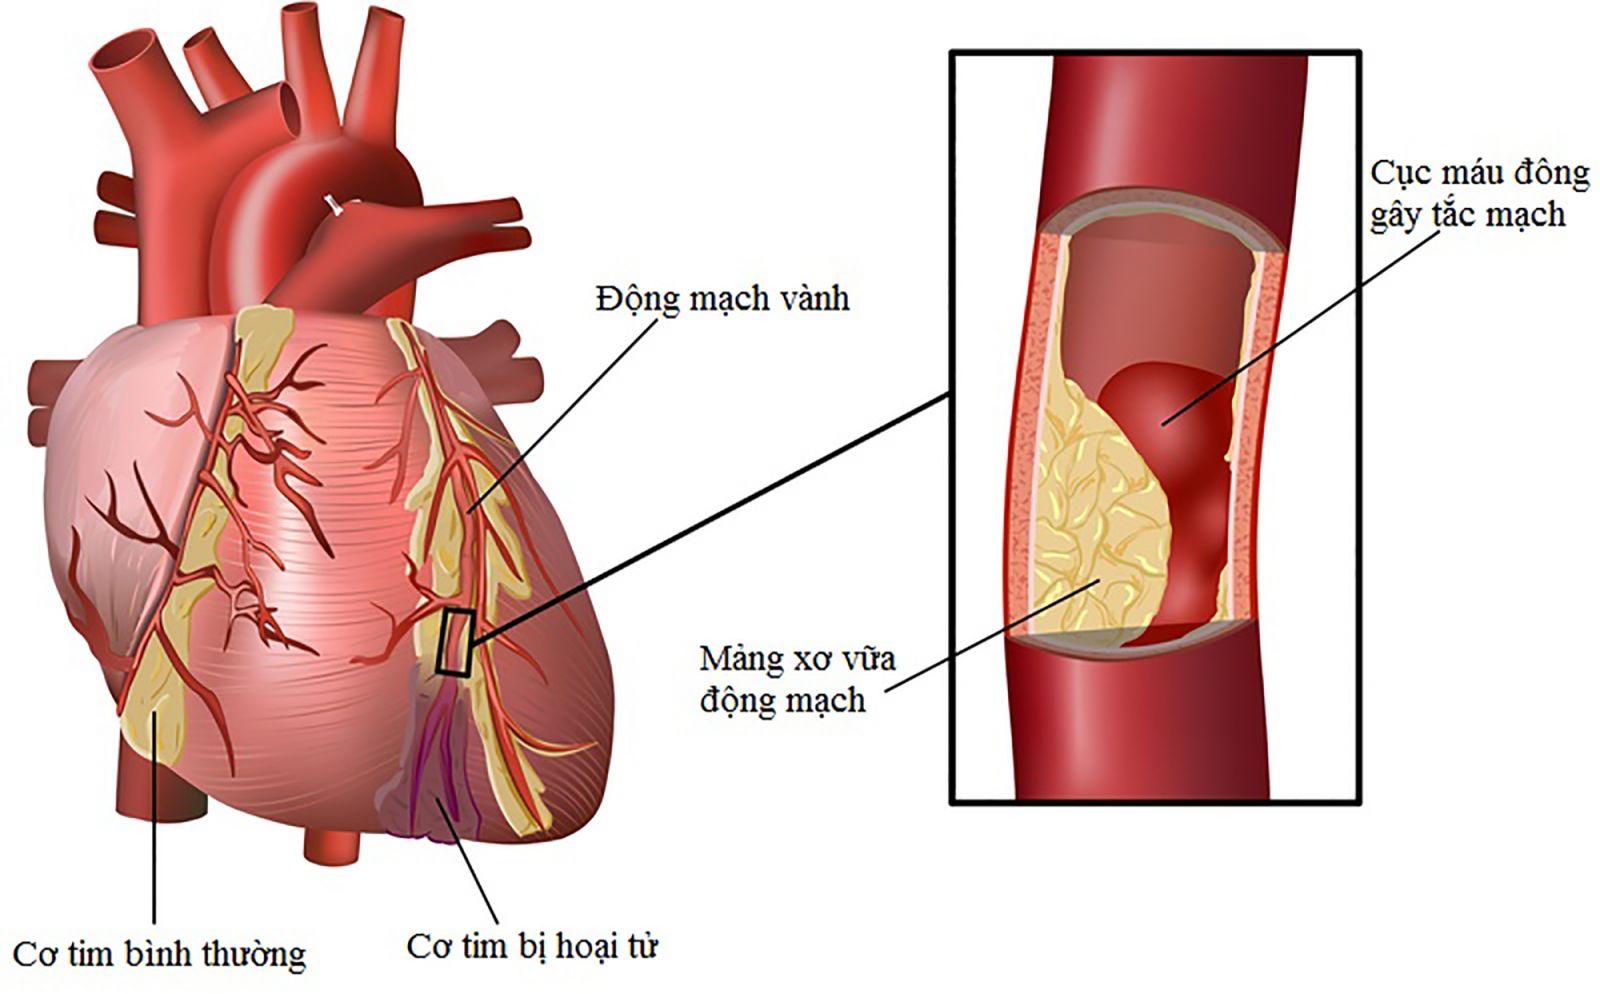 Thực đơn cho người bị bệnh mạch vành nên biết